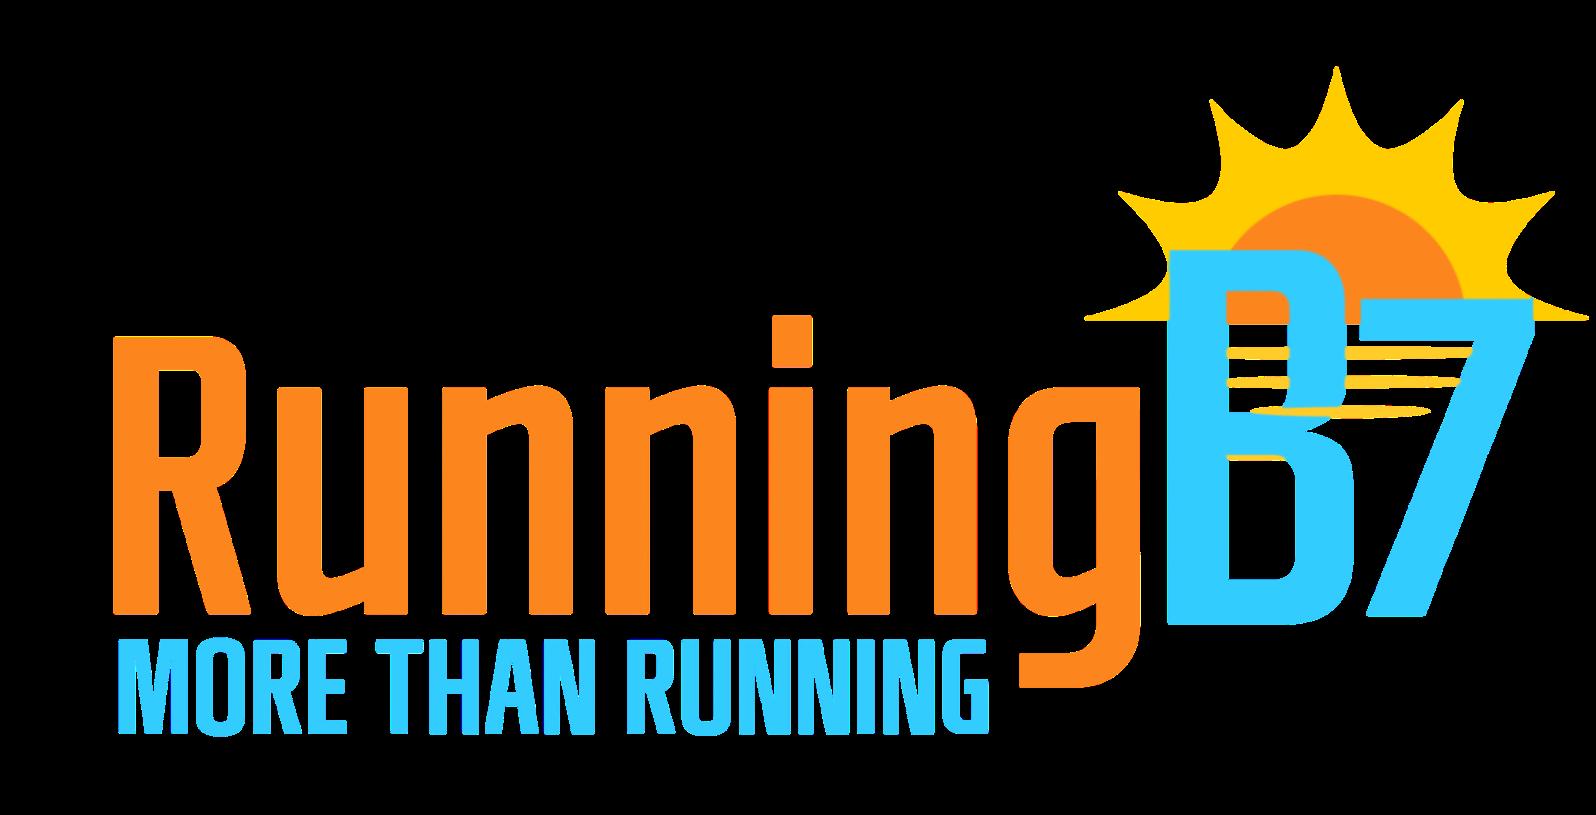 www.runningb7.co.il